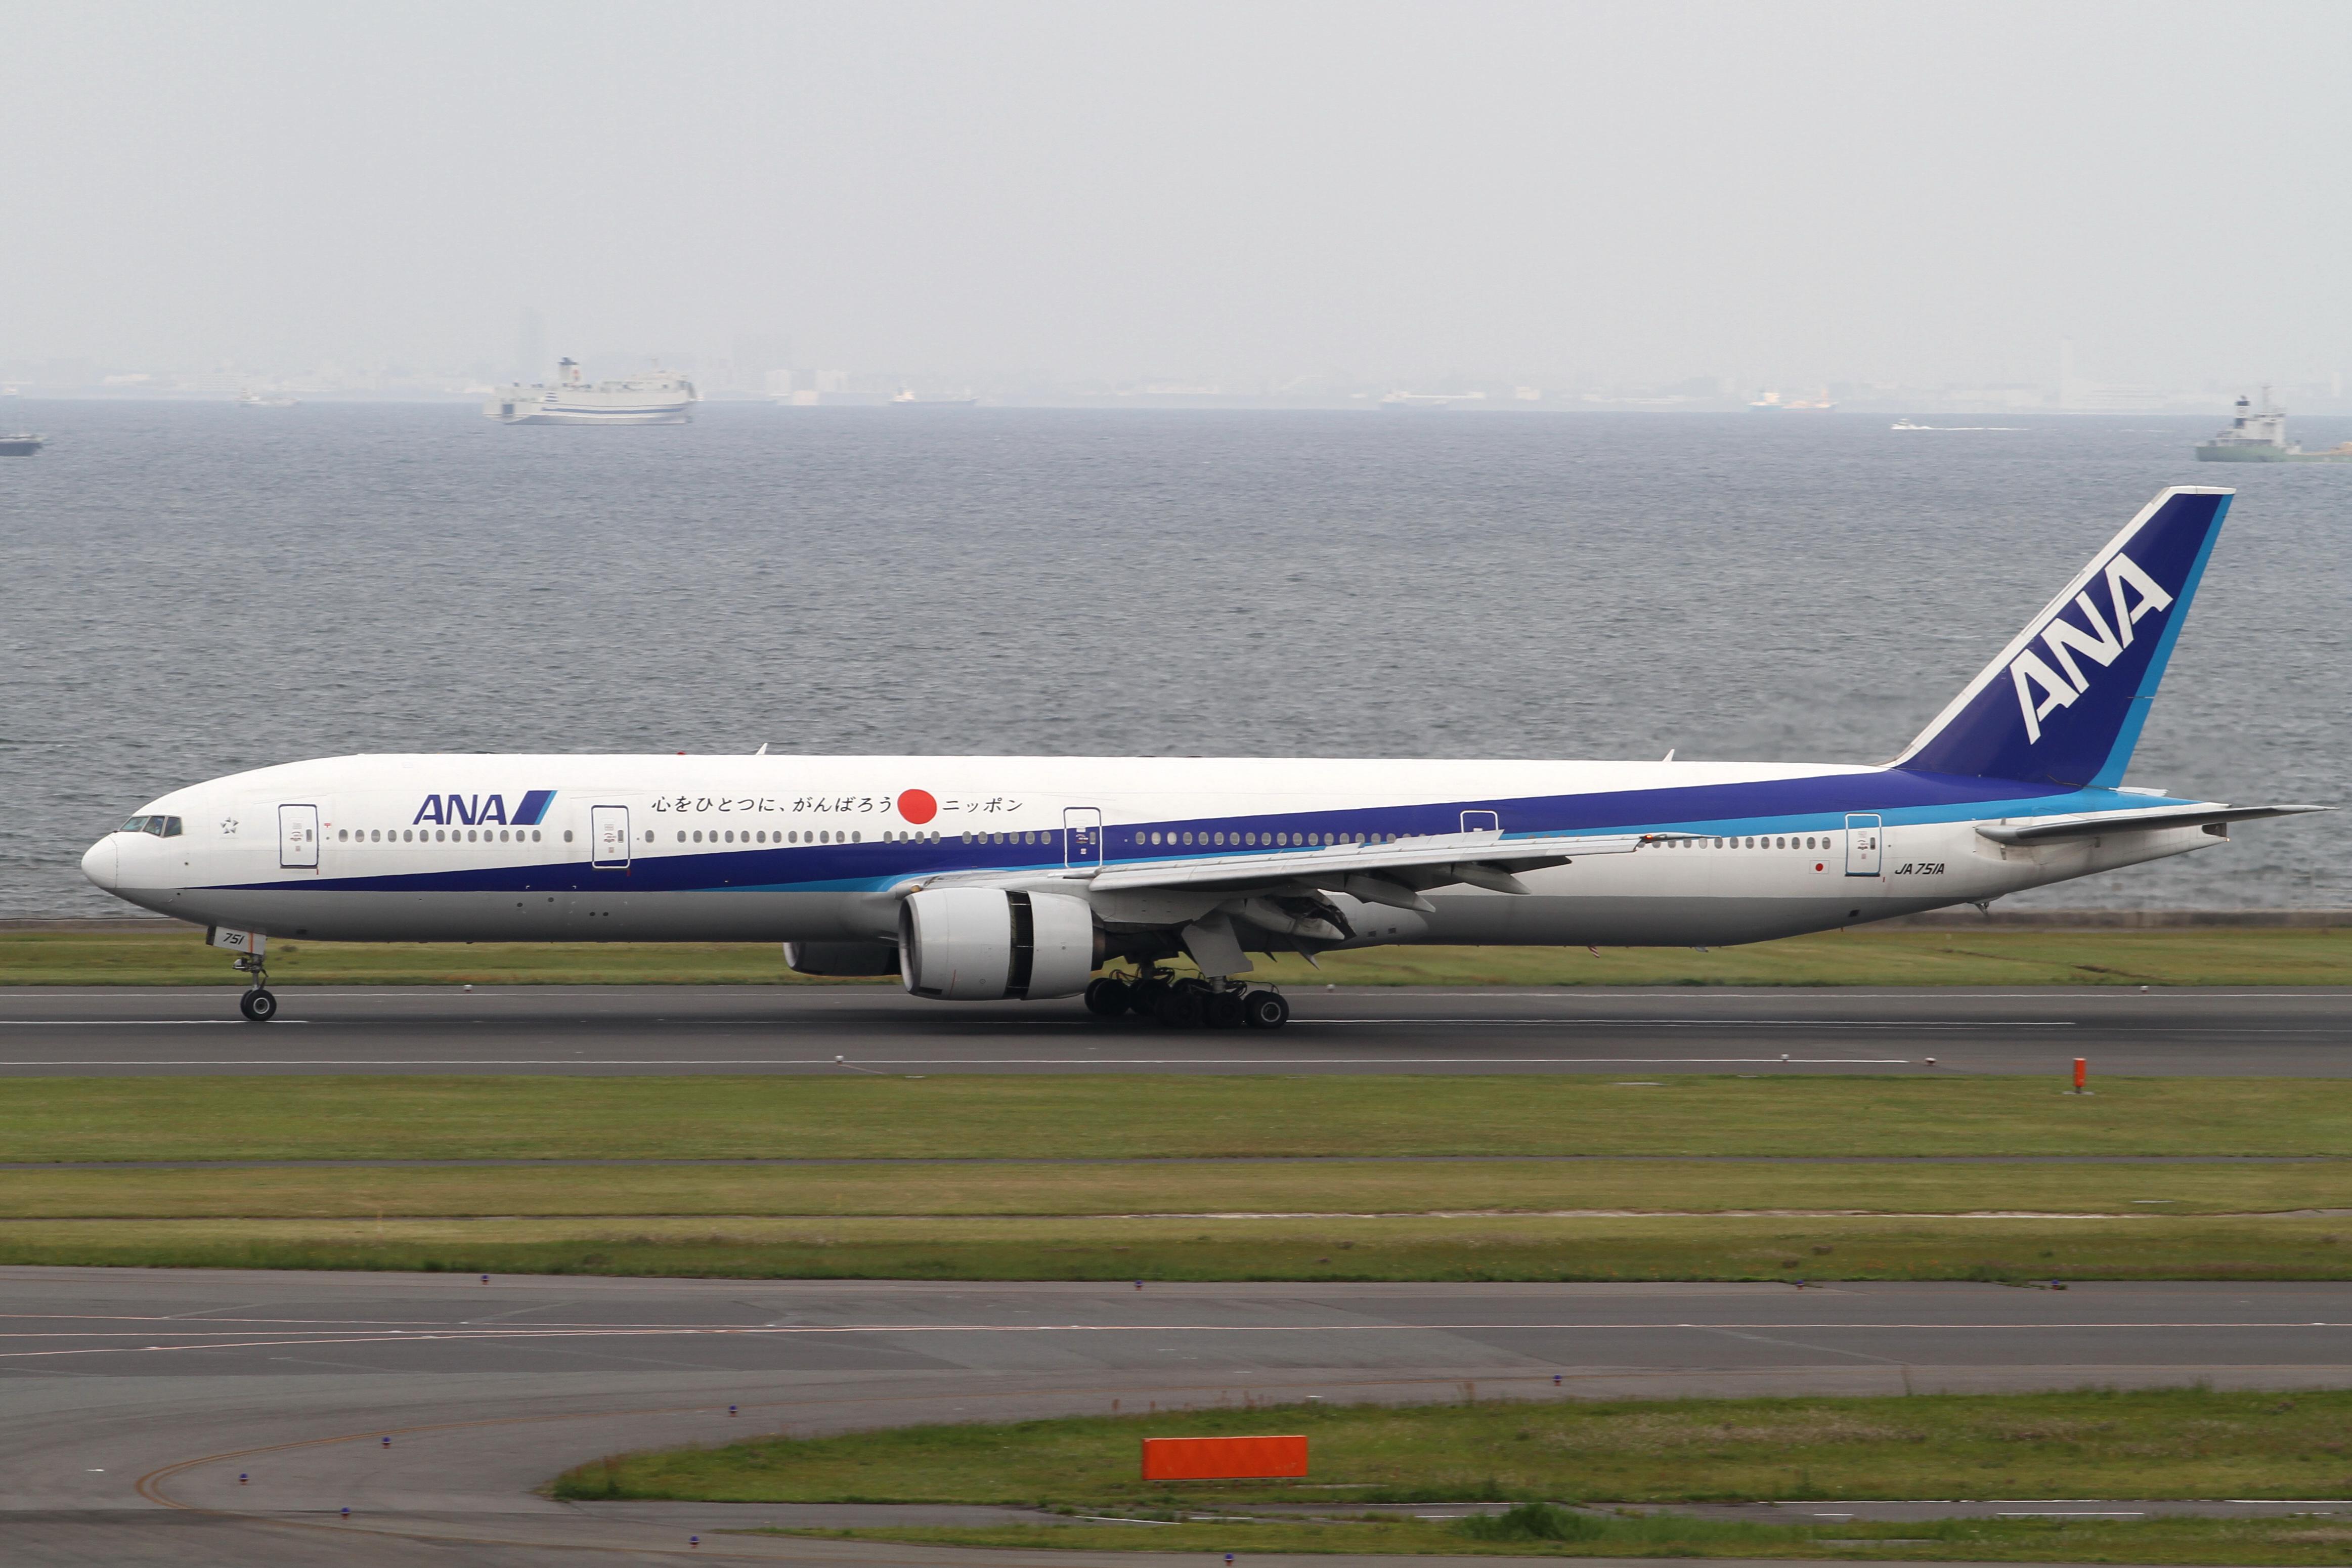 ファイル:ANA B777-300(JA751A) (5689869120).jpg - Wikipedia